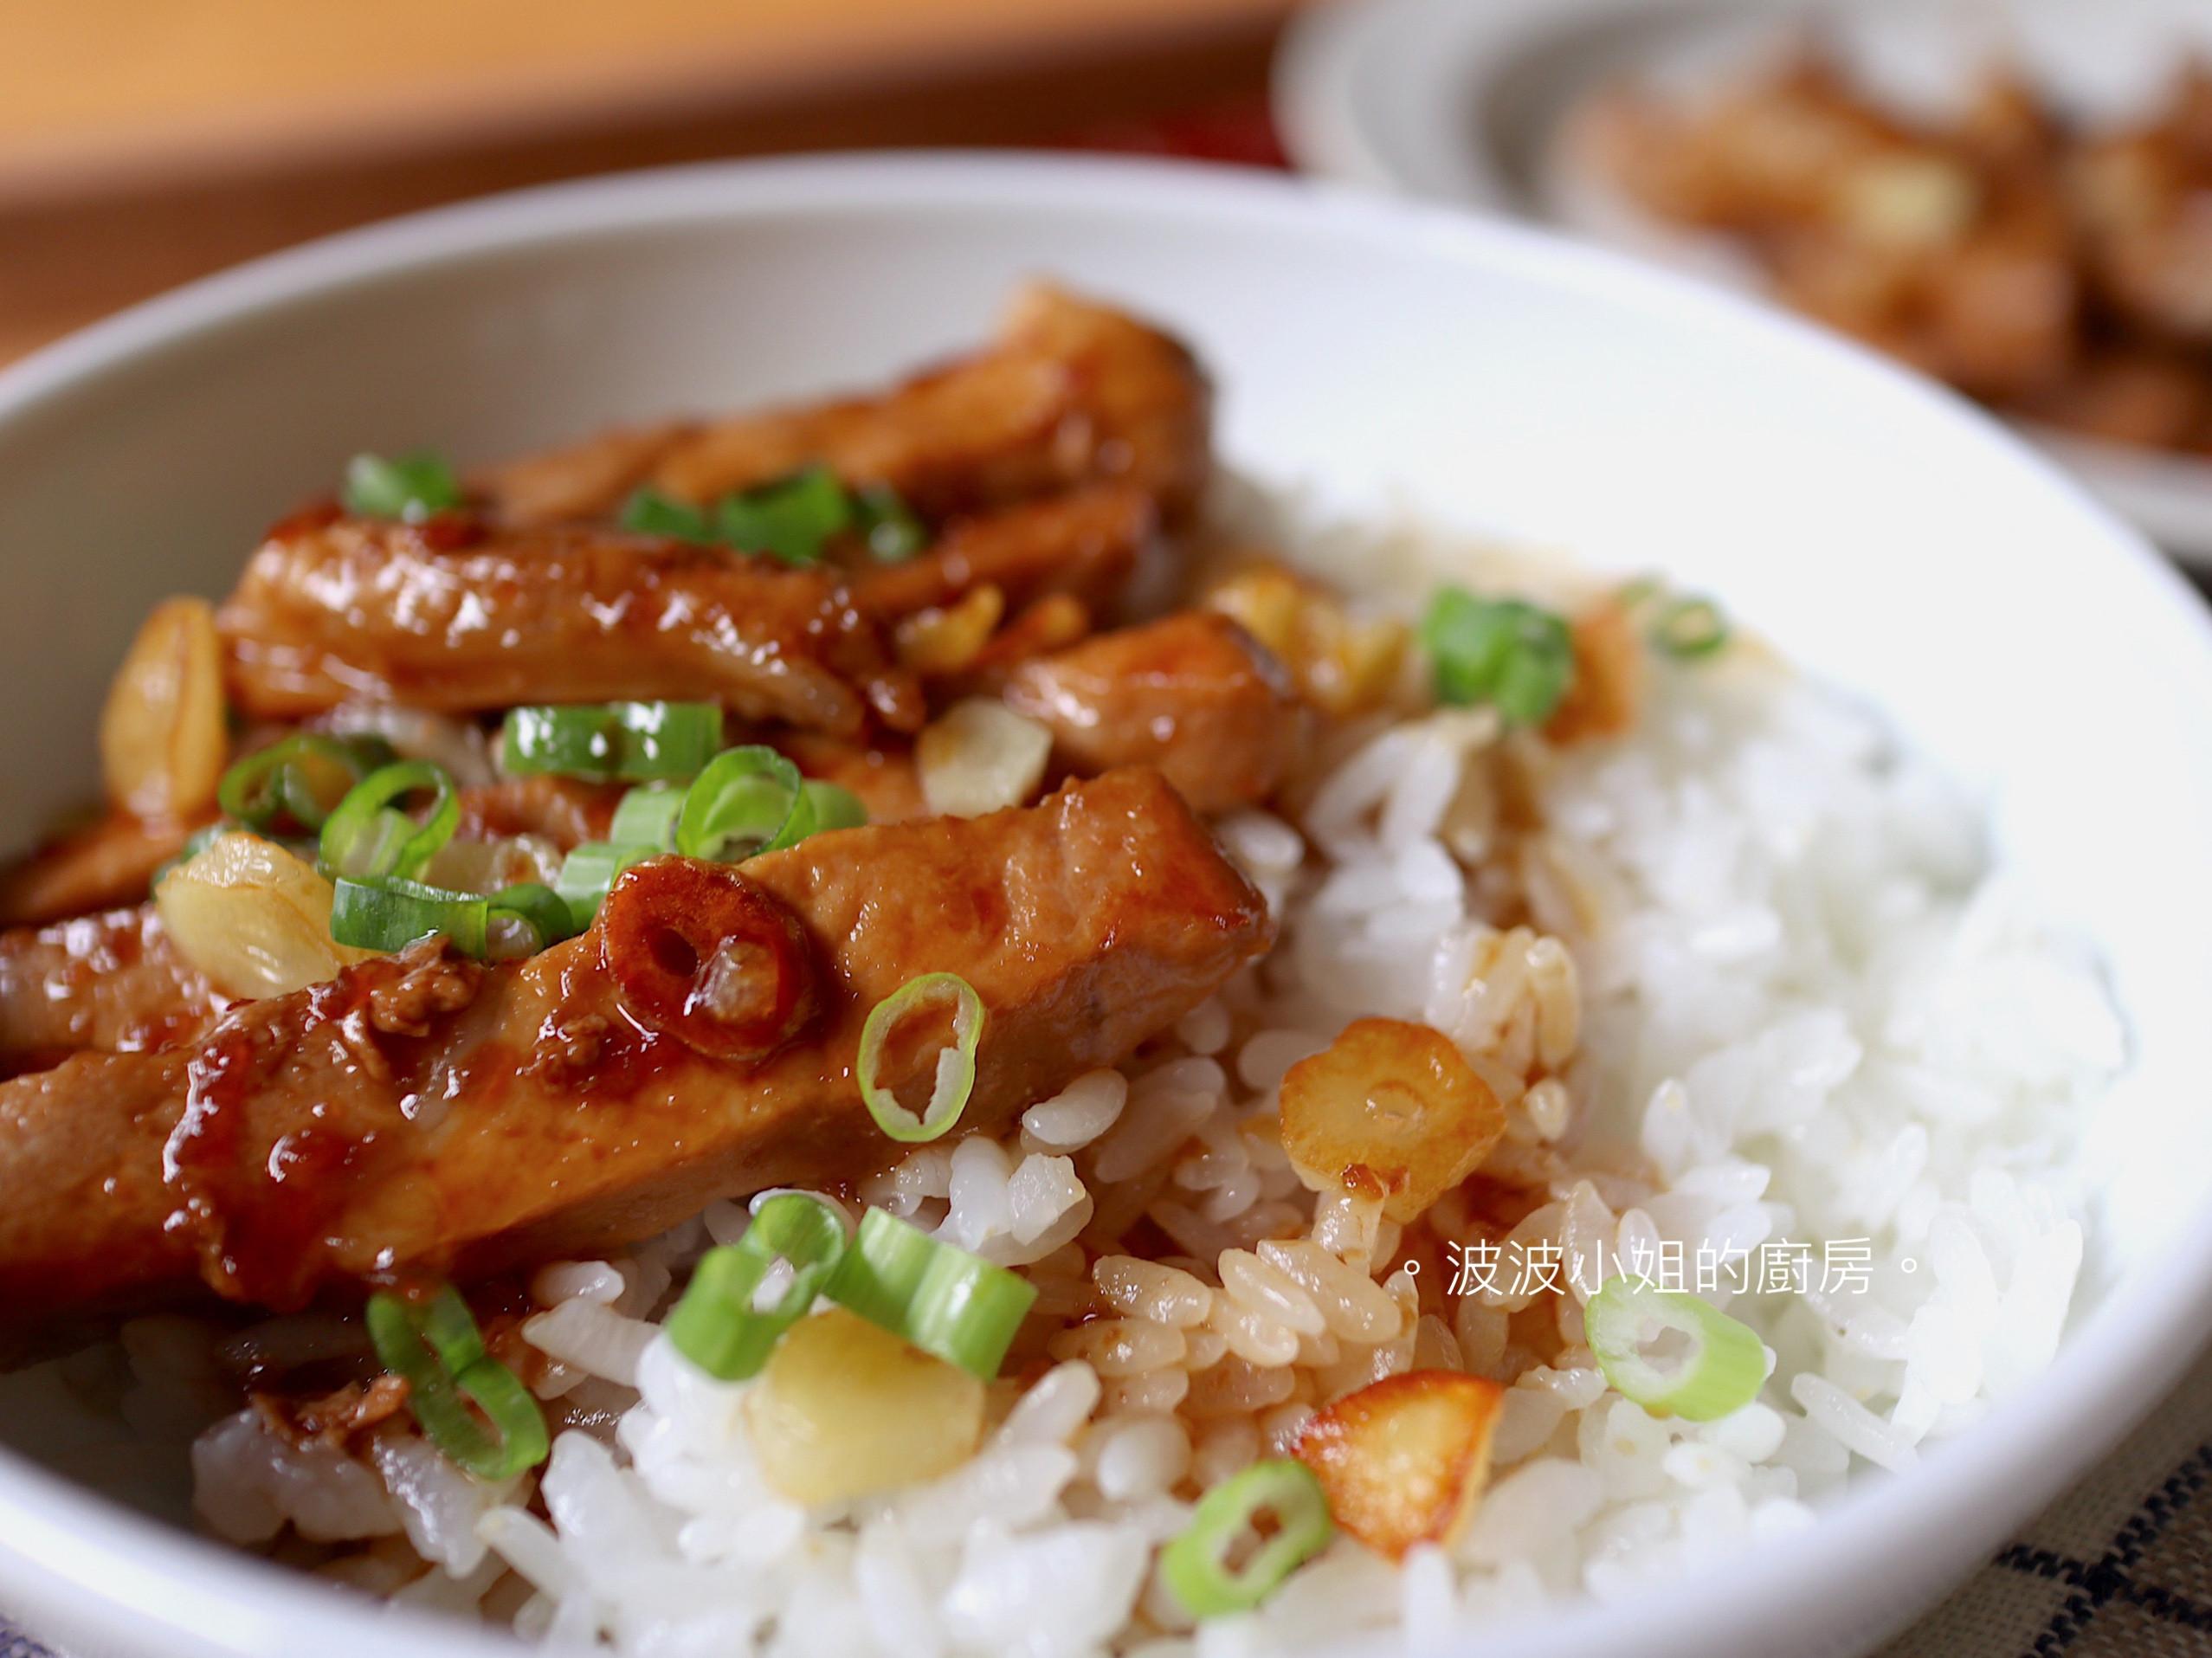 蒜香豬排丼飯 10分鐘上菜